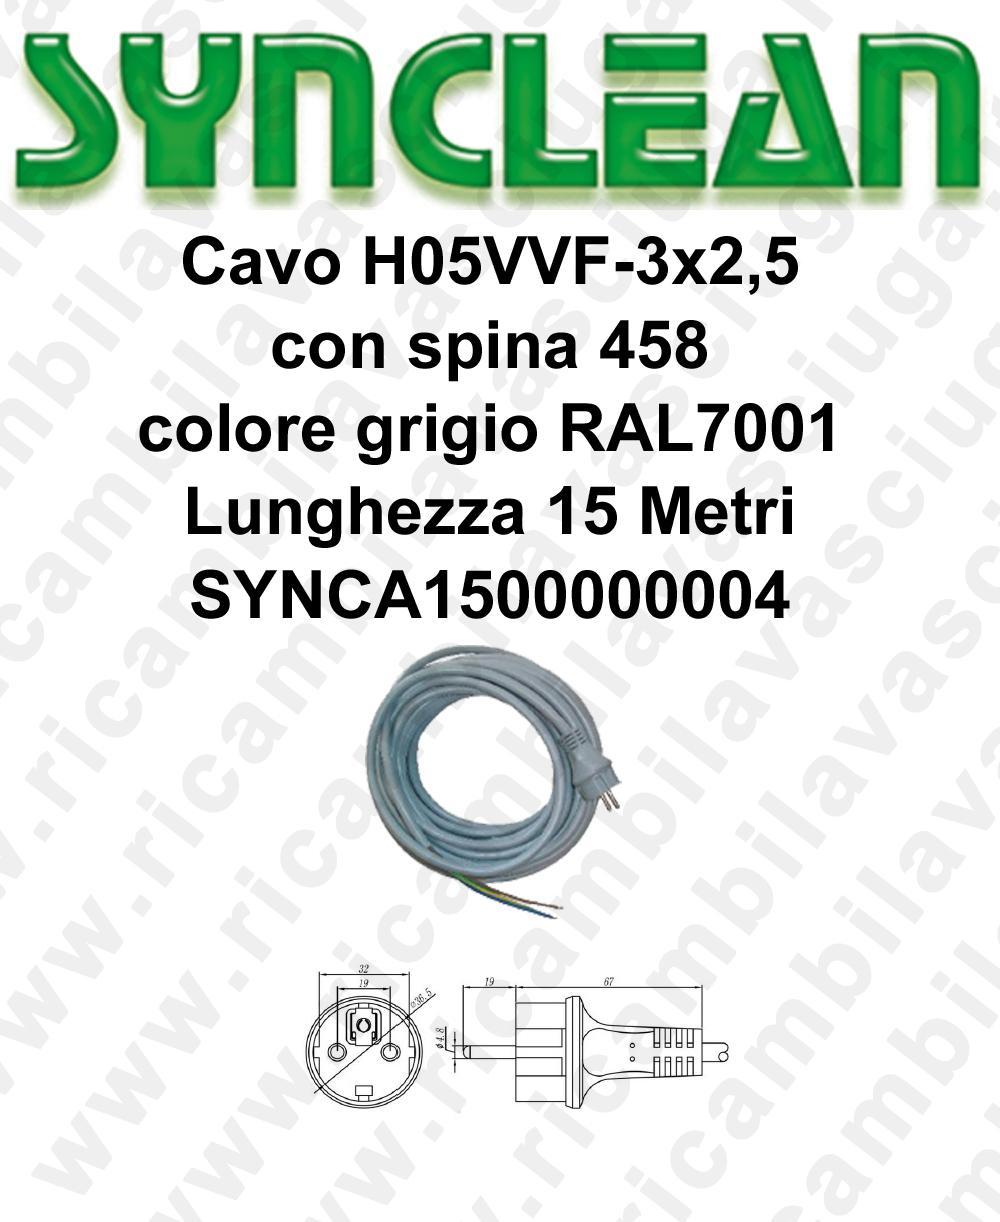 Cavo H05VVF 3 x 2,5 con spina 458 grigio lunghezza 15 metri para aspiradora y Monodisco